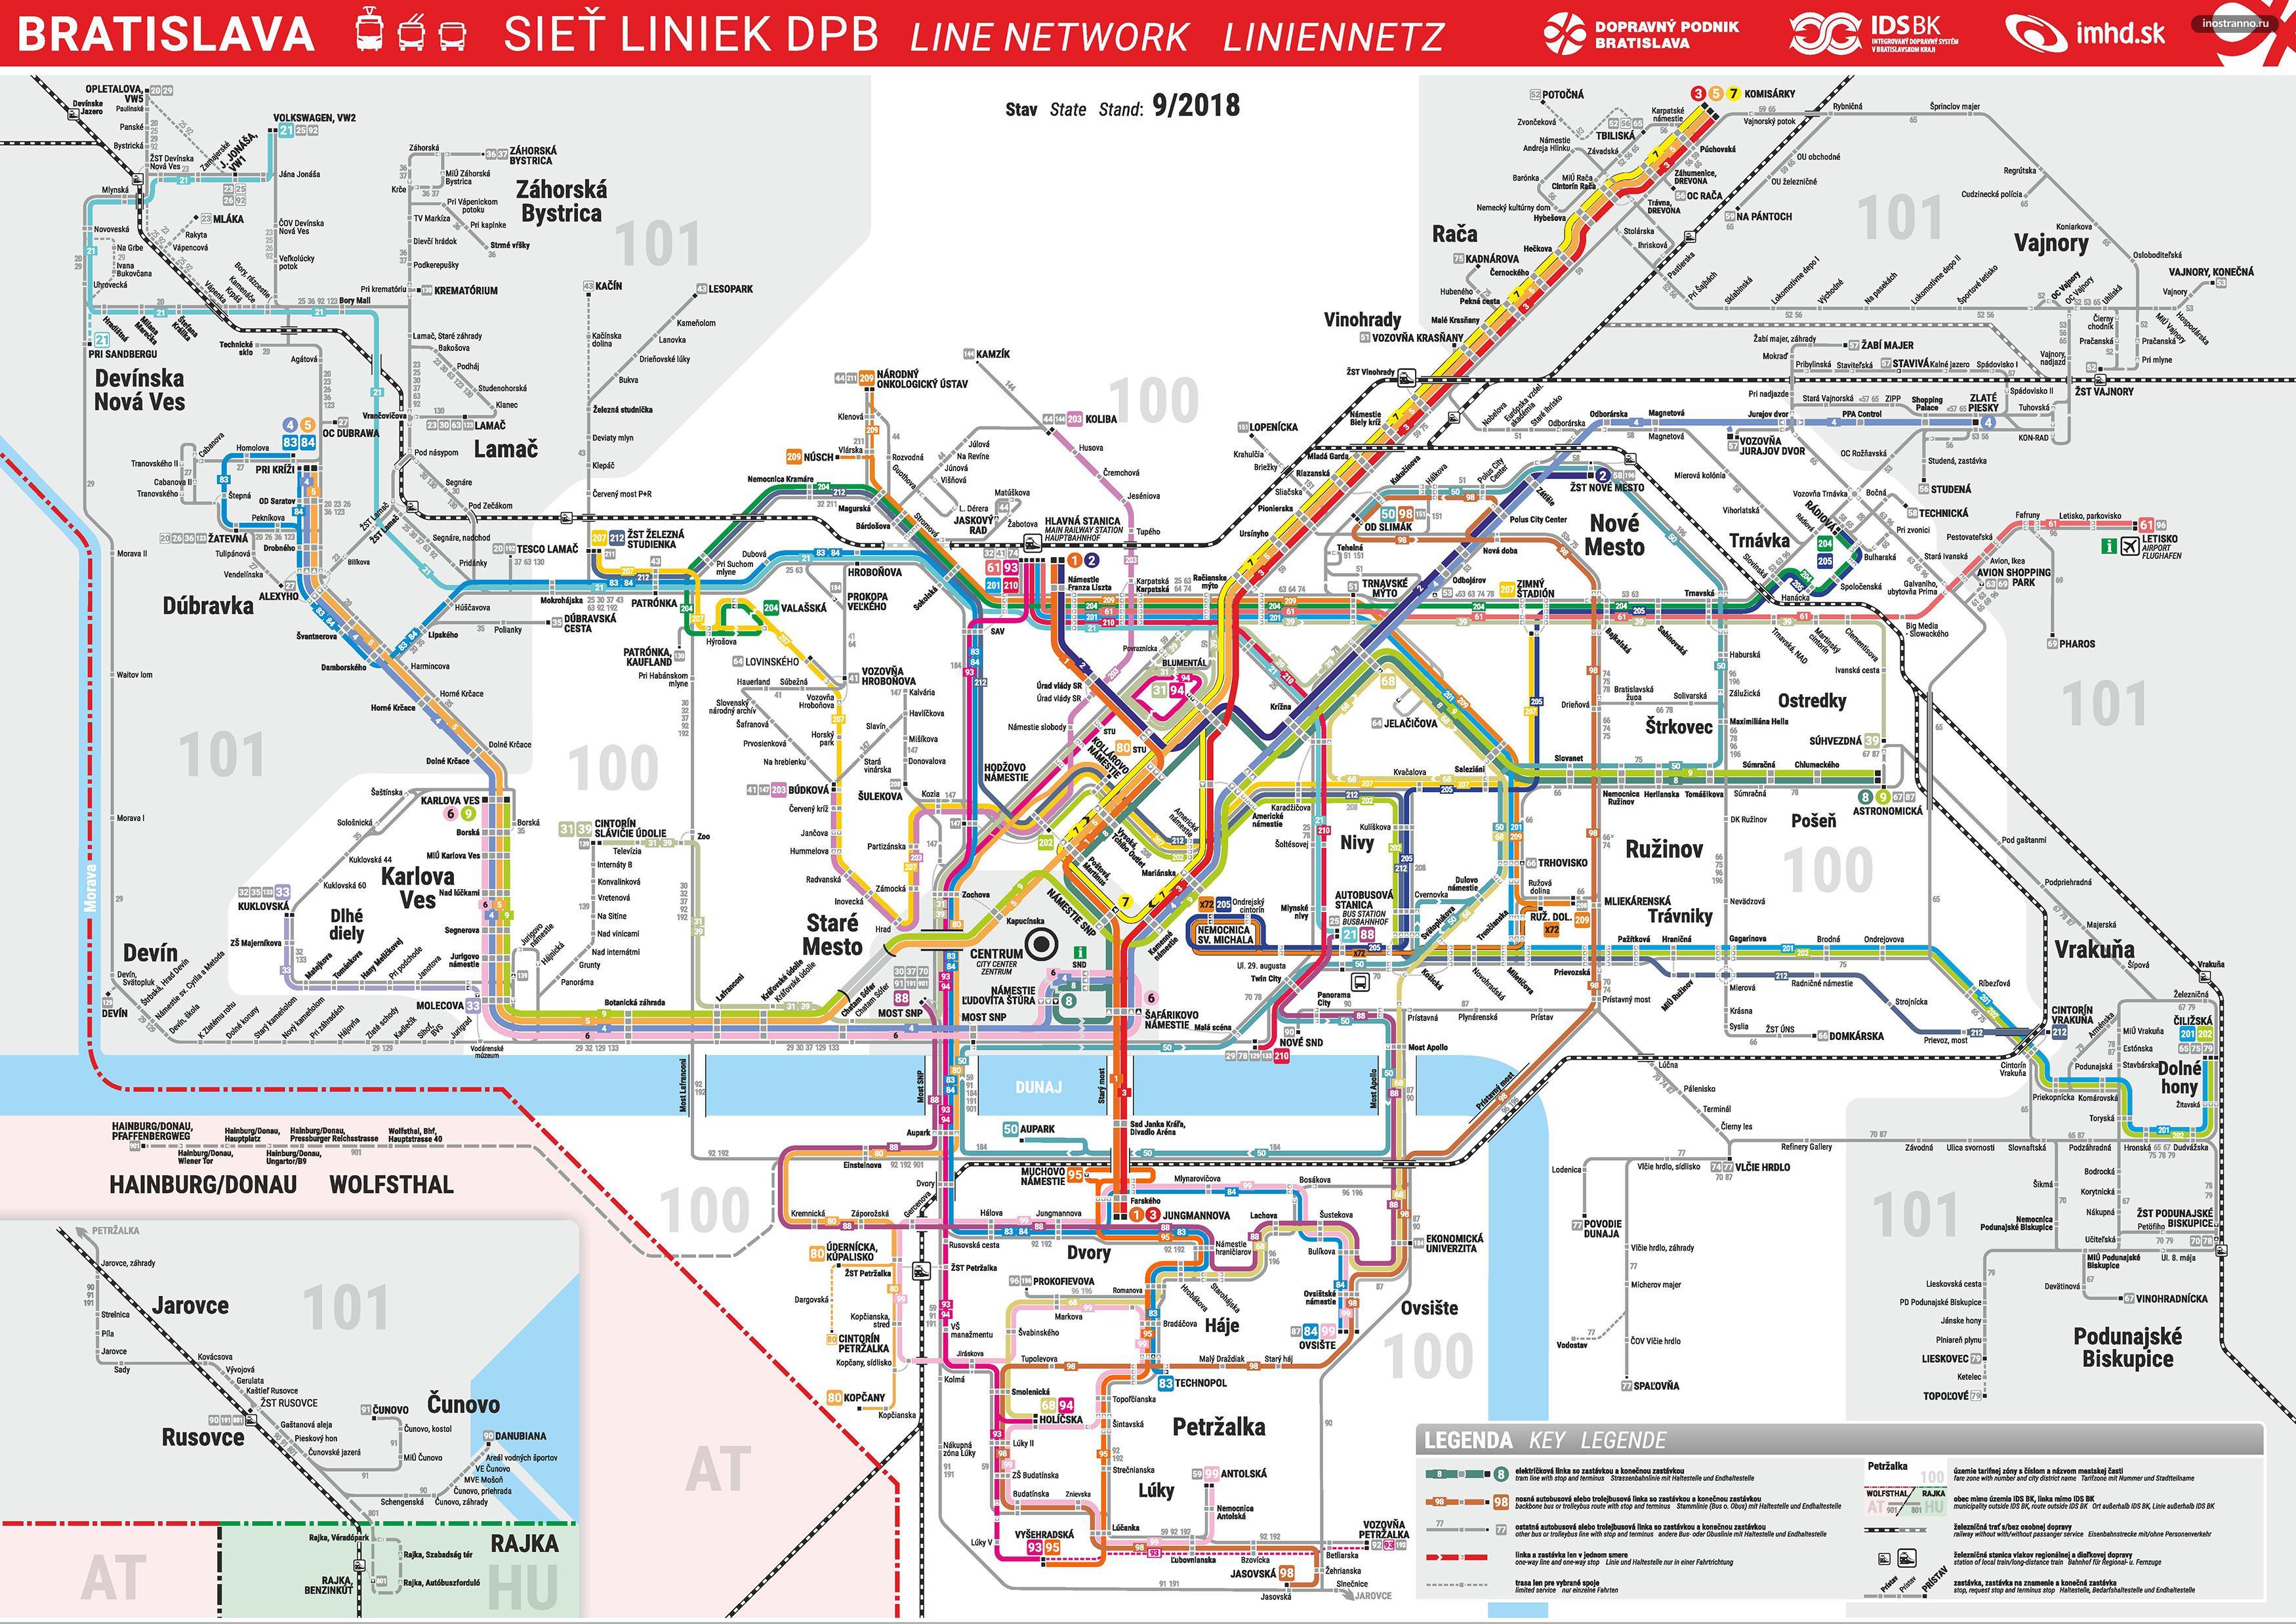 Карта схема трамваев и автобусов Братиславы